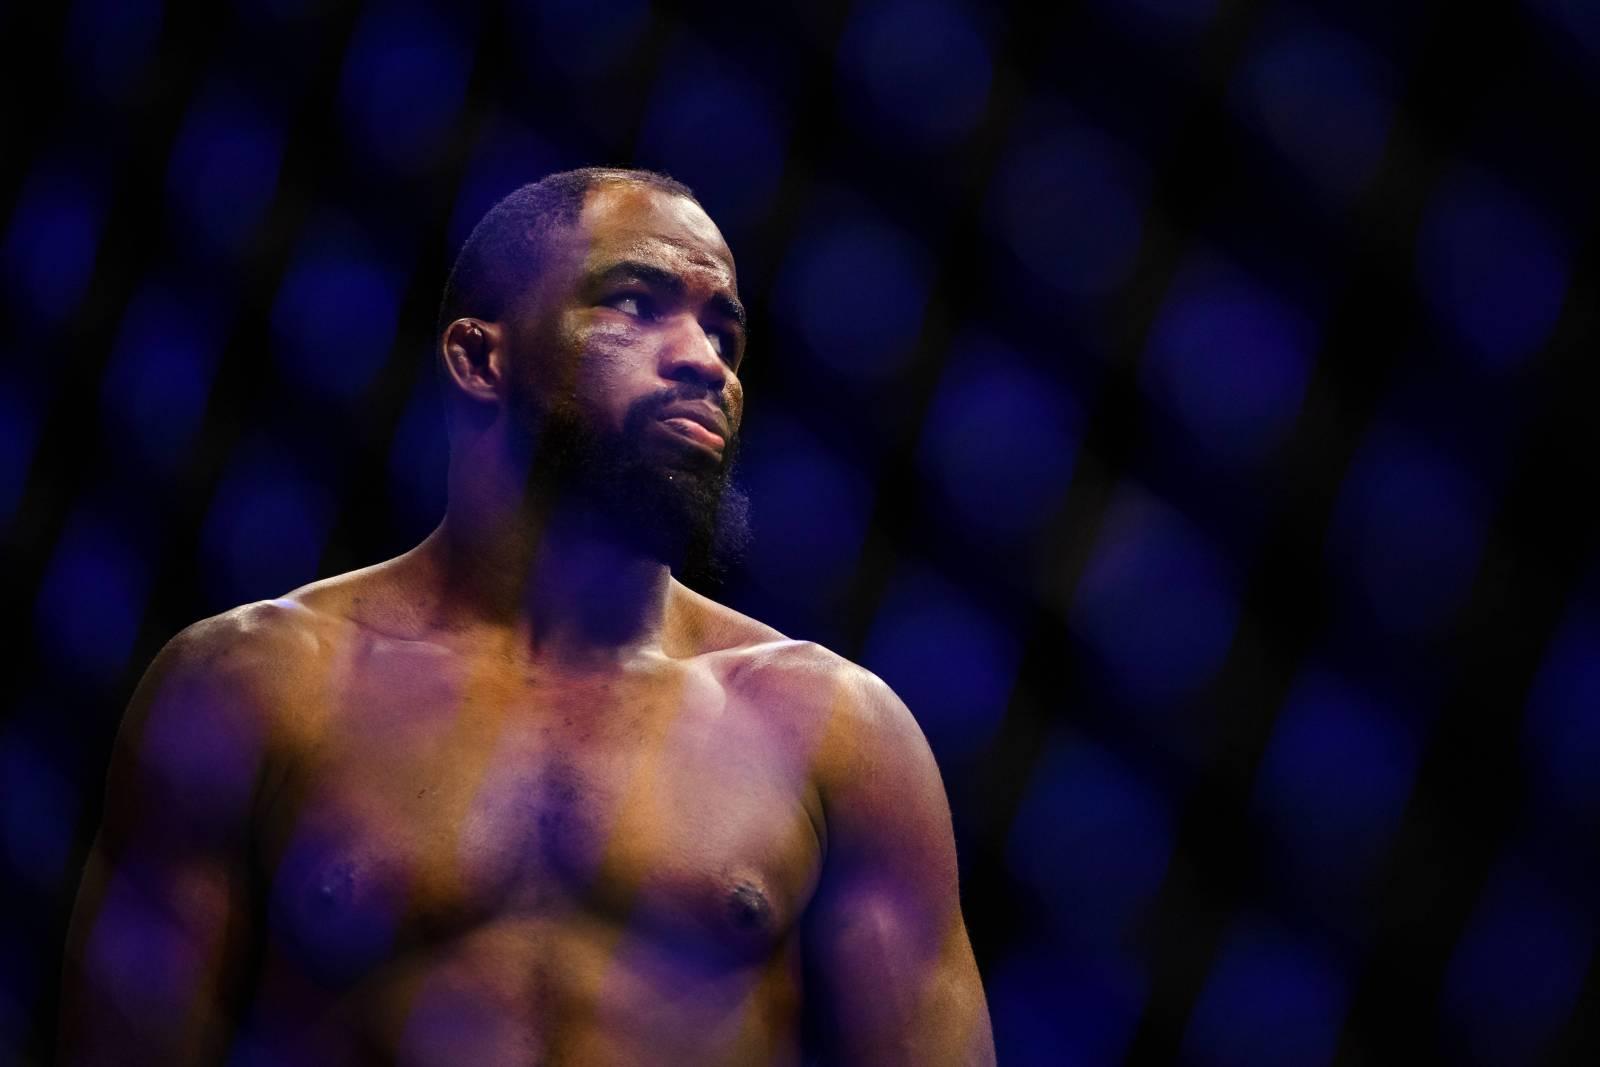 Звезда UFC Джон Джонс арестован по обвинению в домашнем насилии